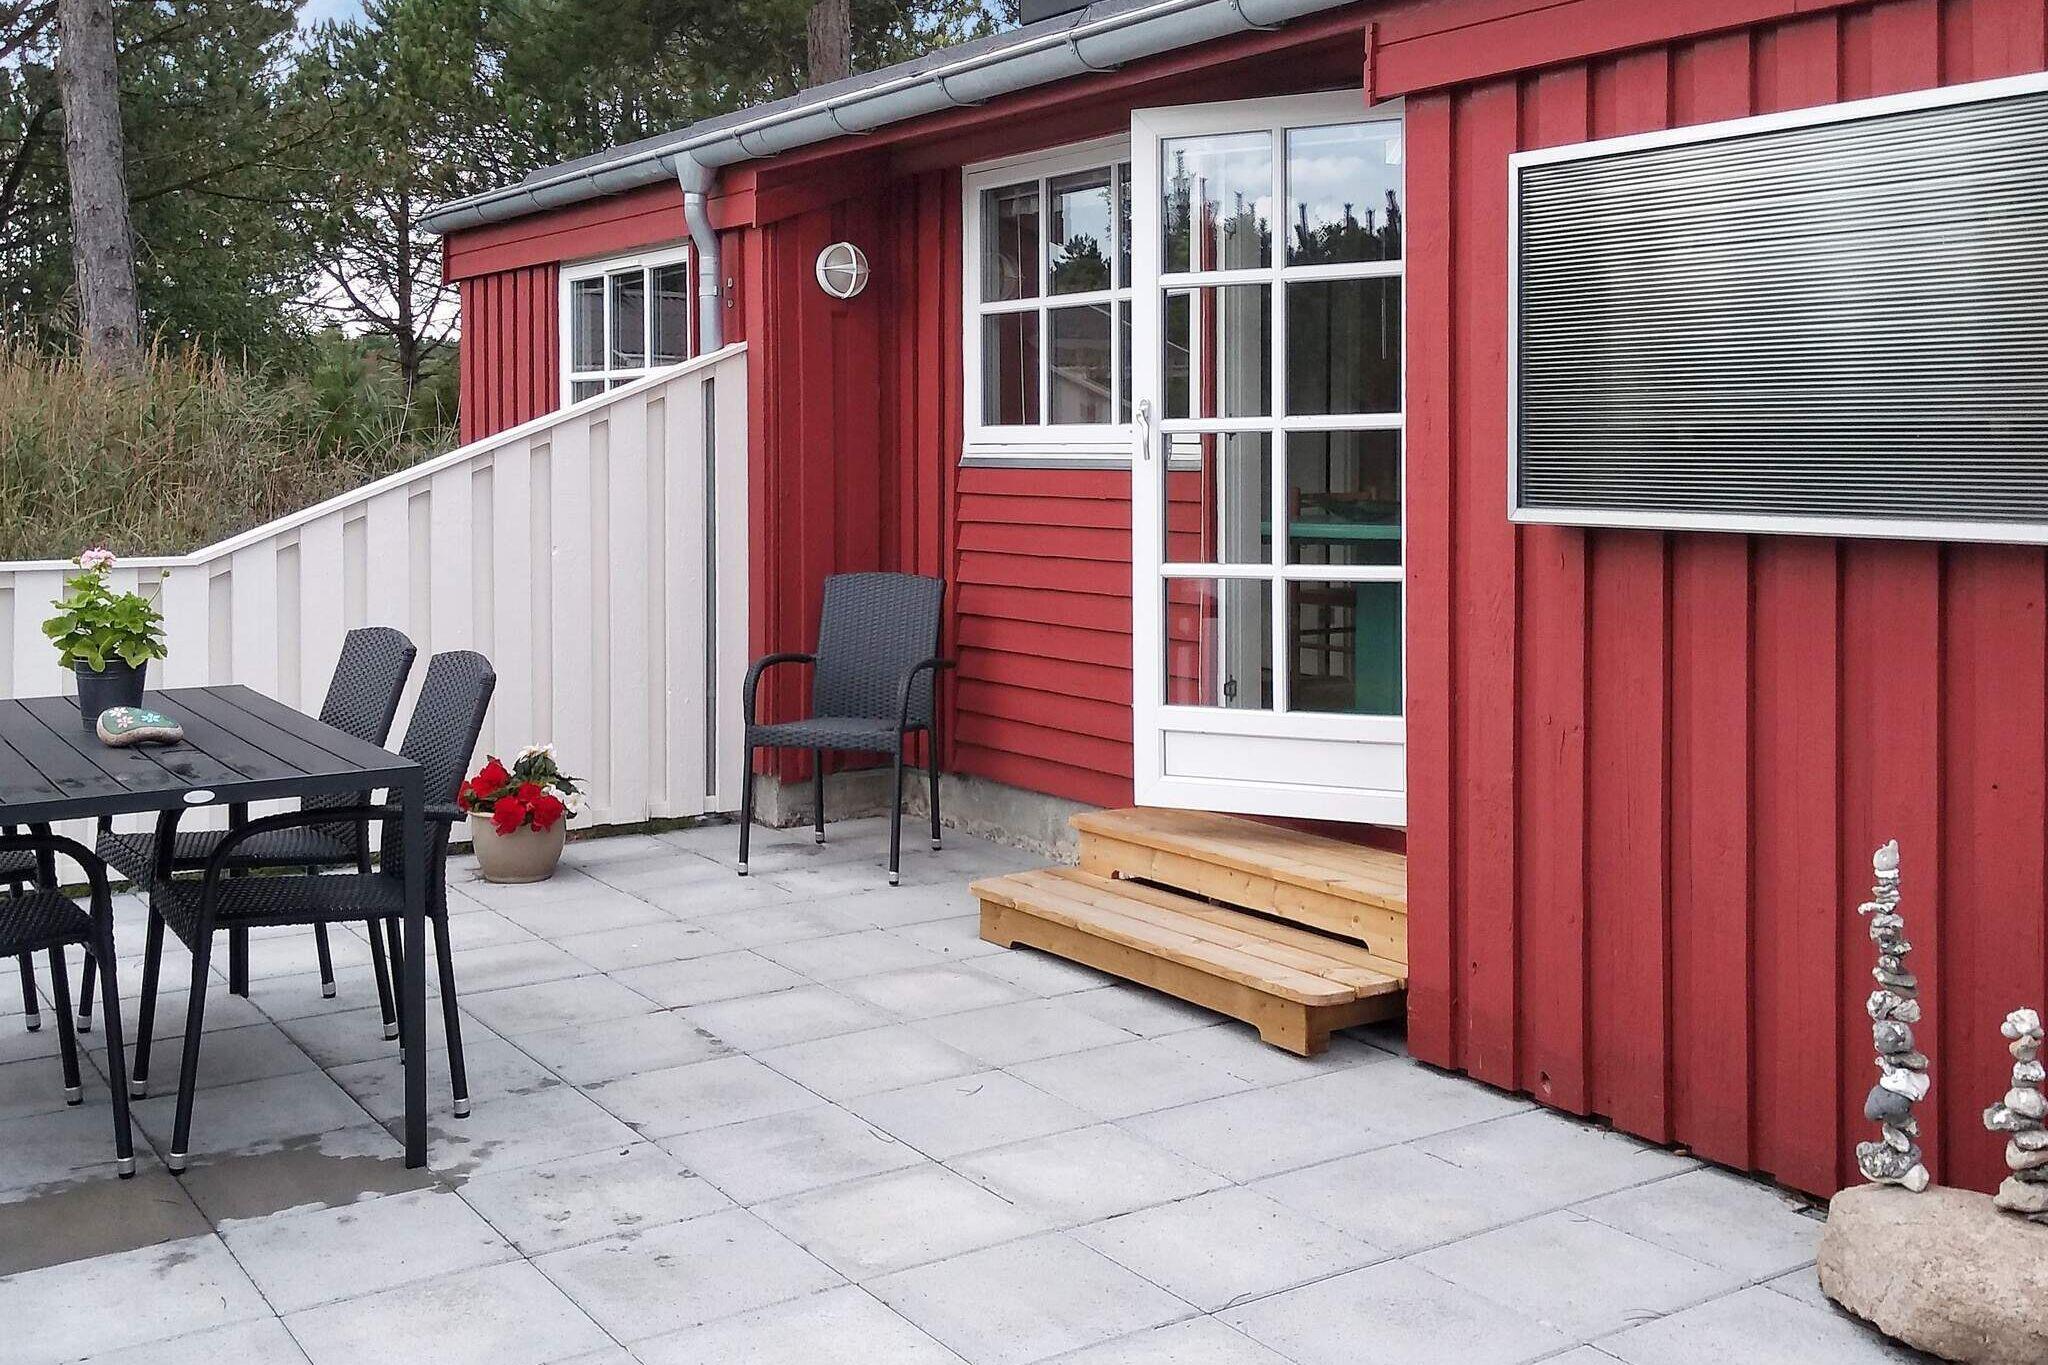 Ferienhaus in Albäk für 7 Personen